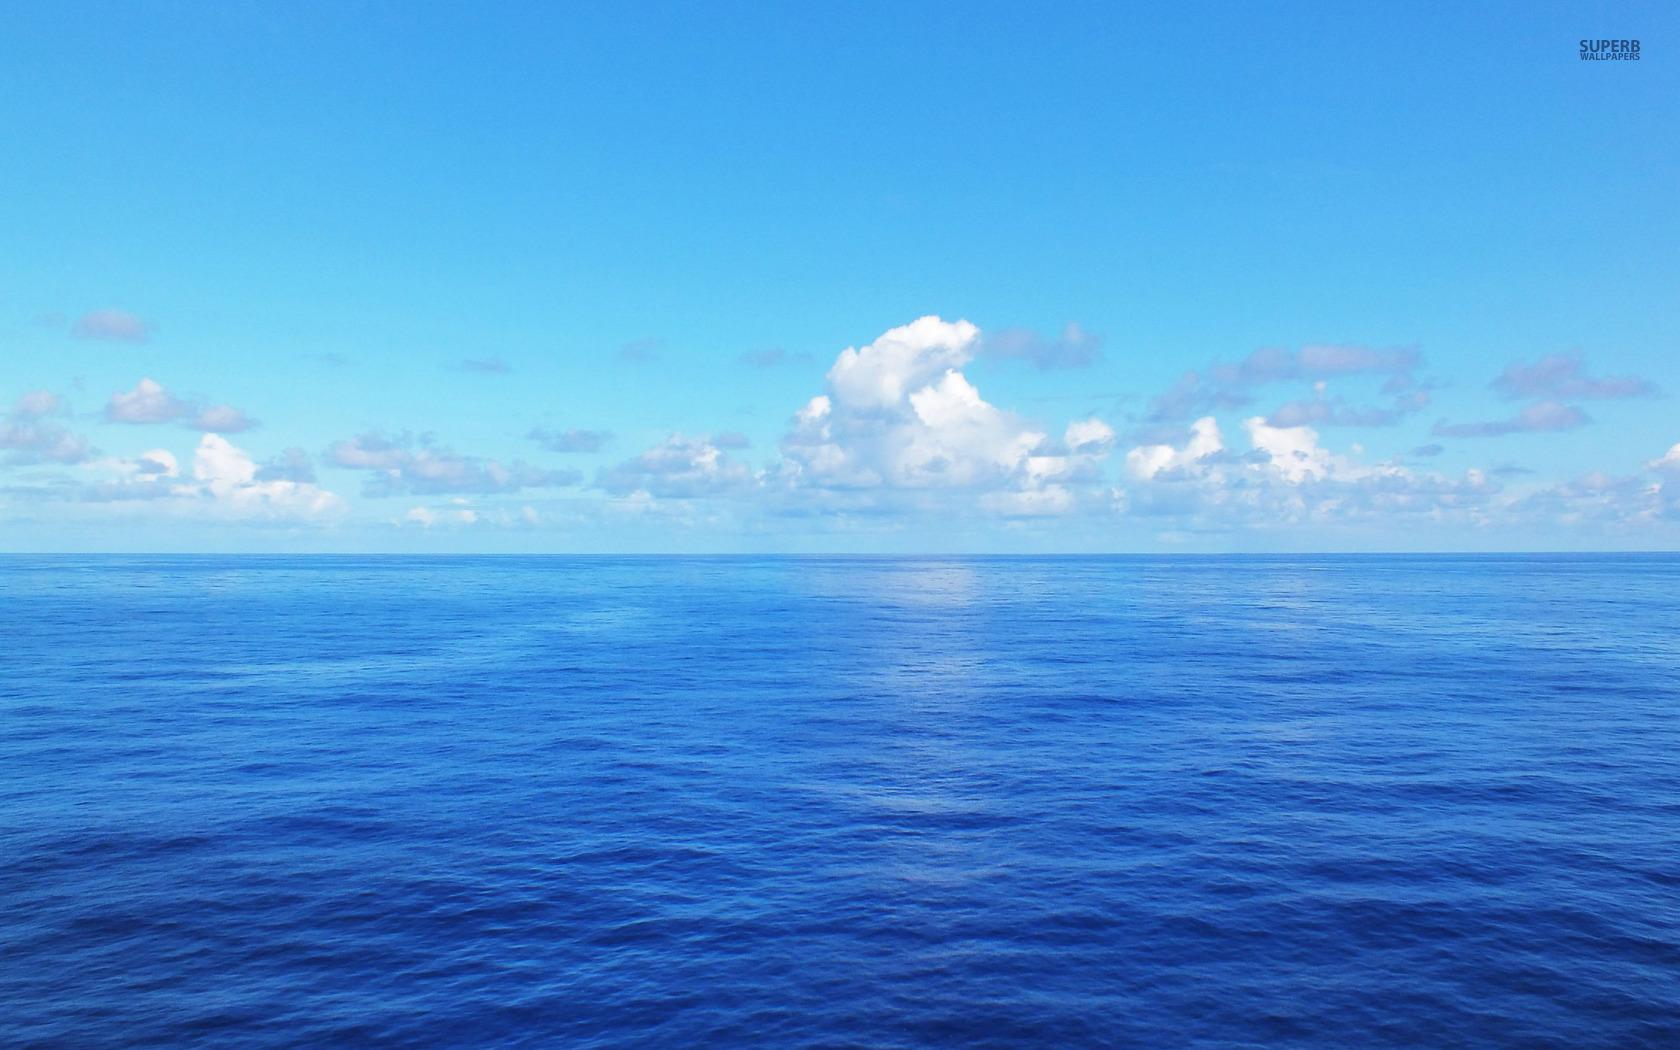 Blue ocean wallpaper 1680x1050